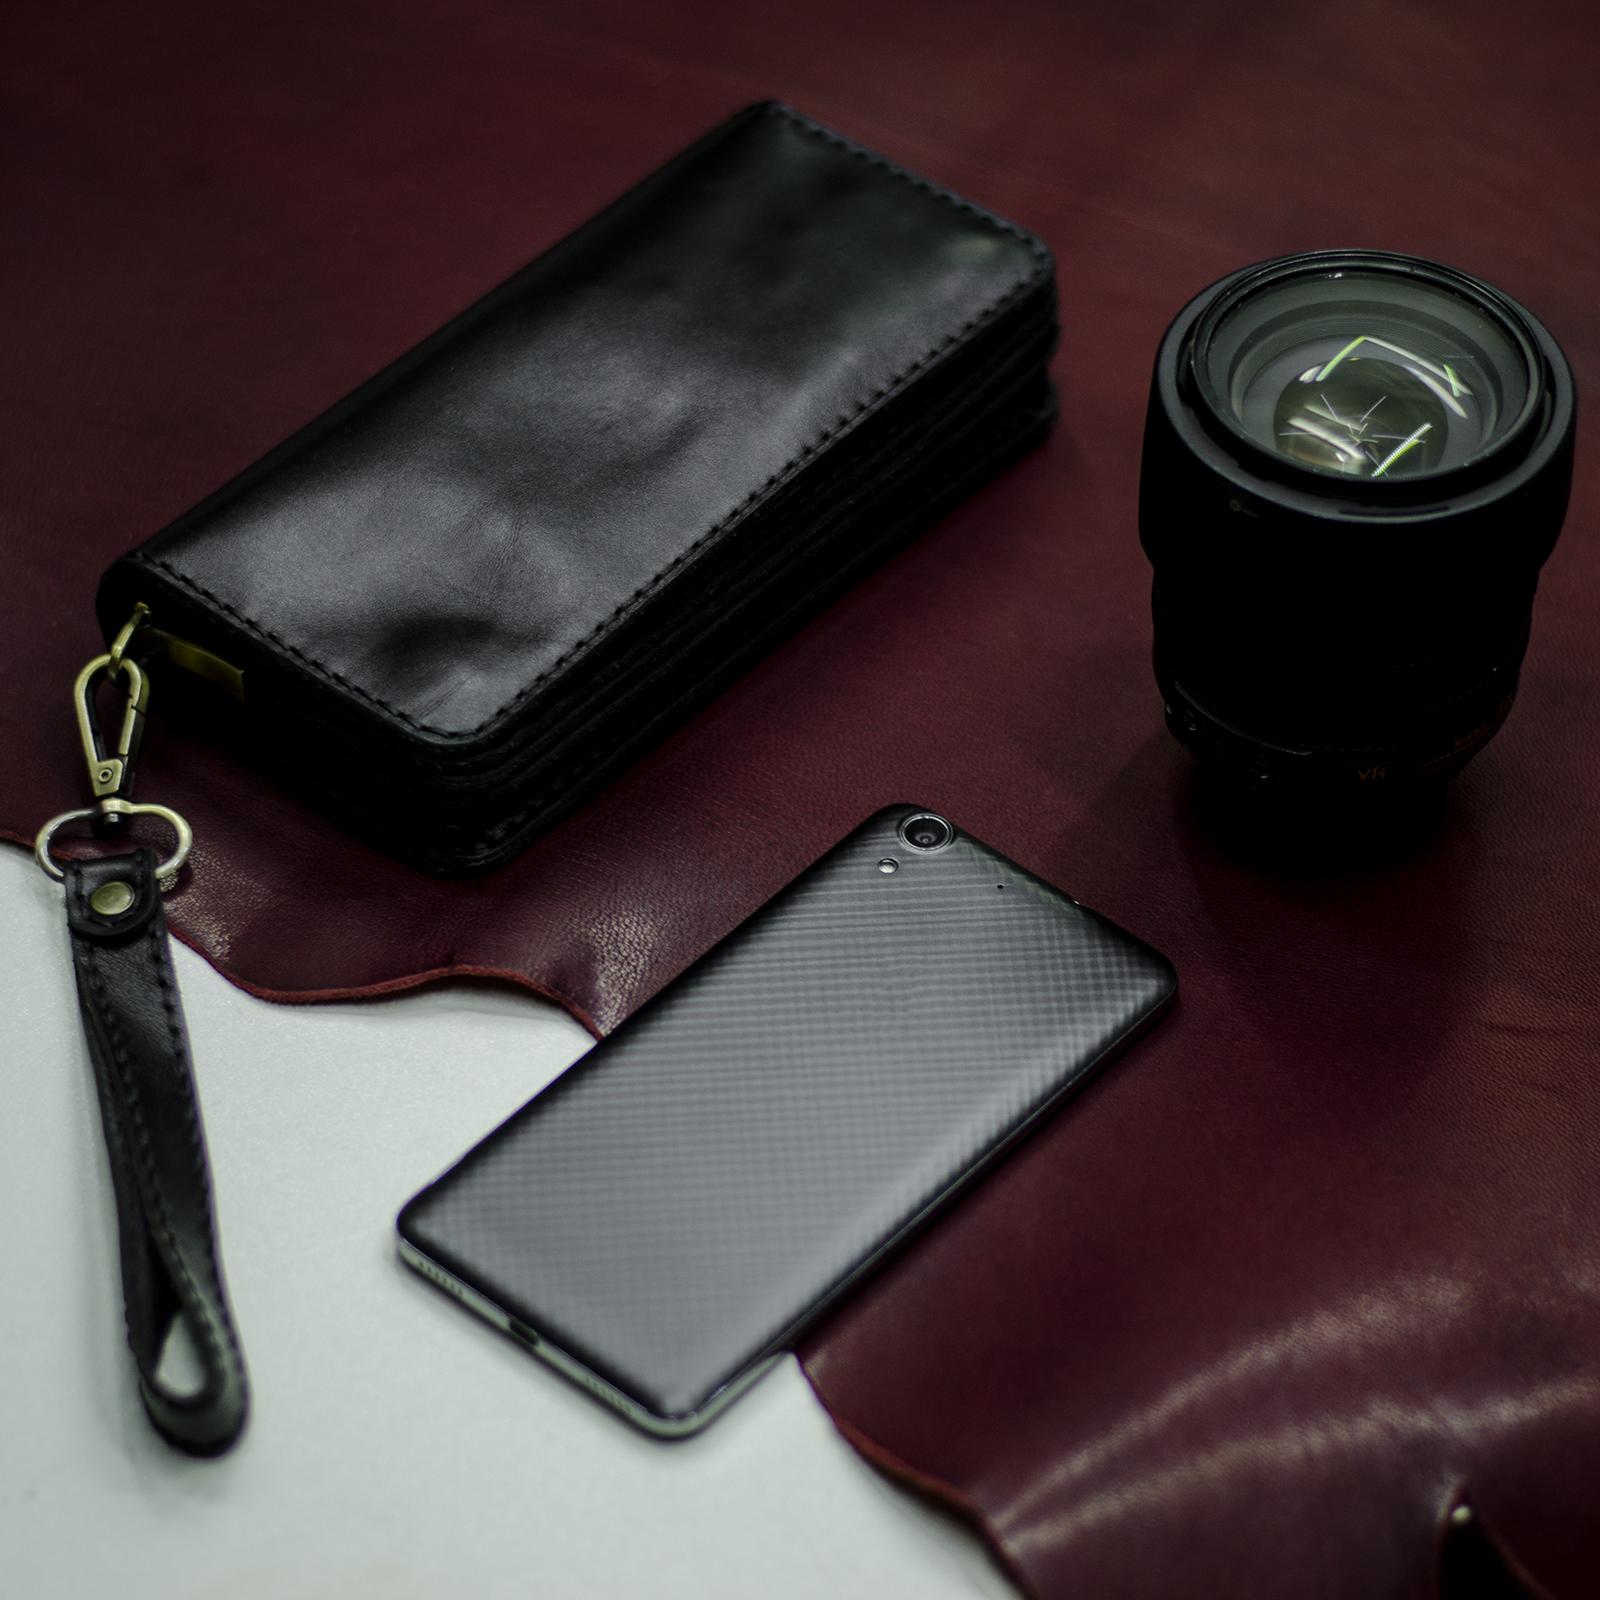 کیف دستی مردانه چرمینه اسپرت مدل عطارد کد 79SHB